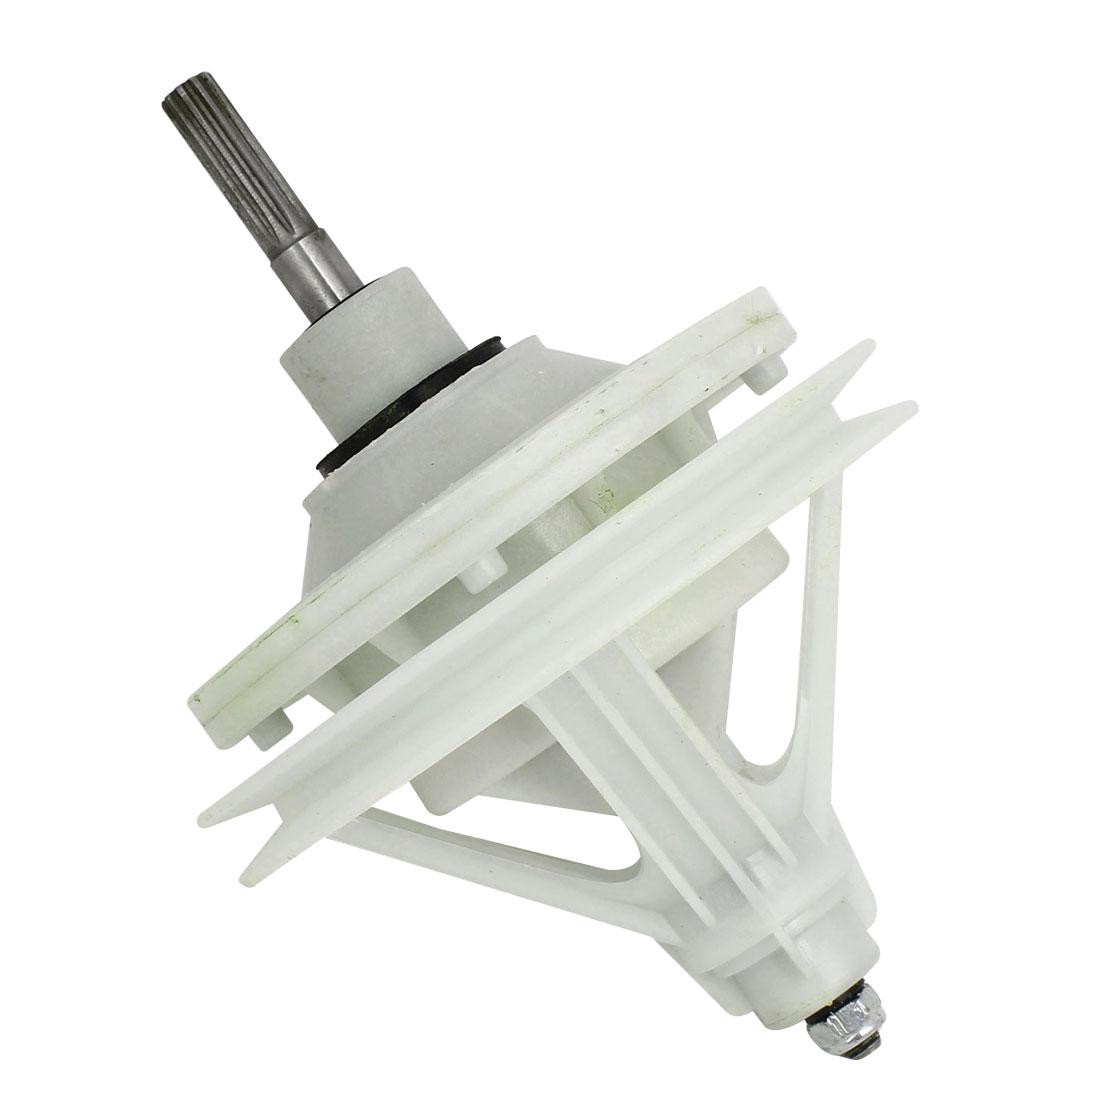 50mm Shaft Washing Machine Transmission 10 Splines Shaft 4 Hole Base 147mmx210mm